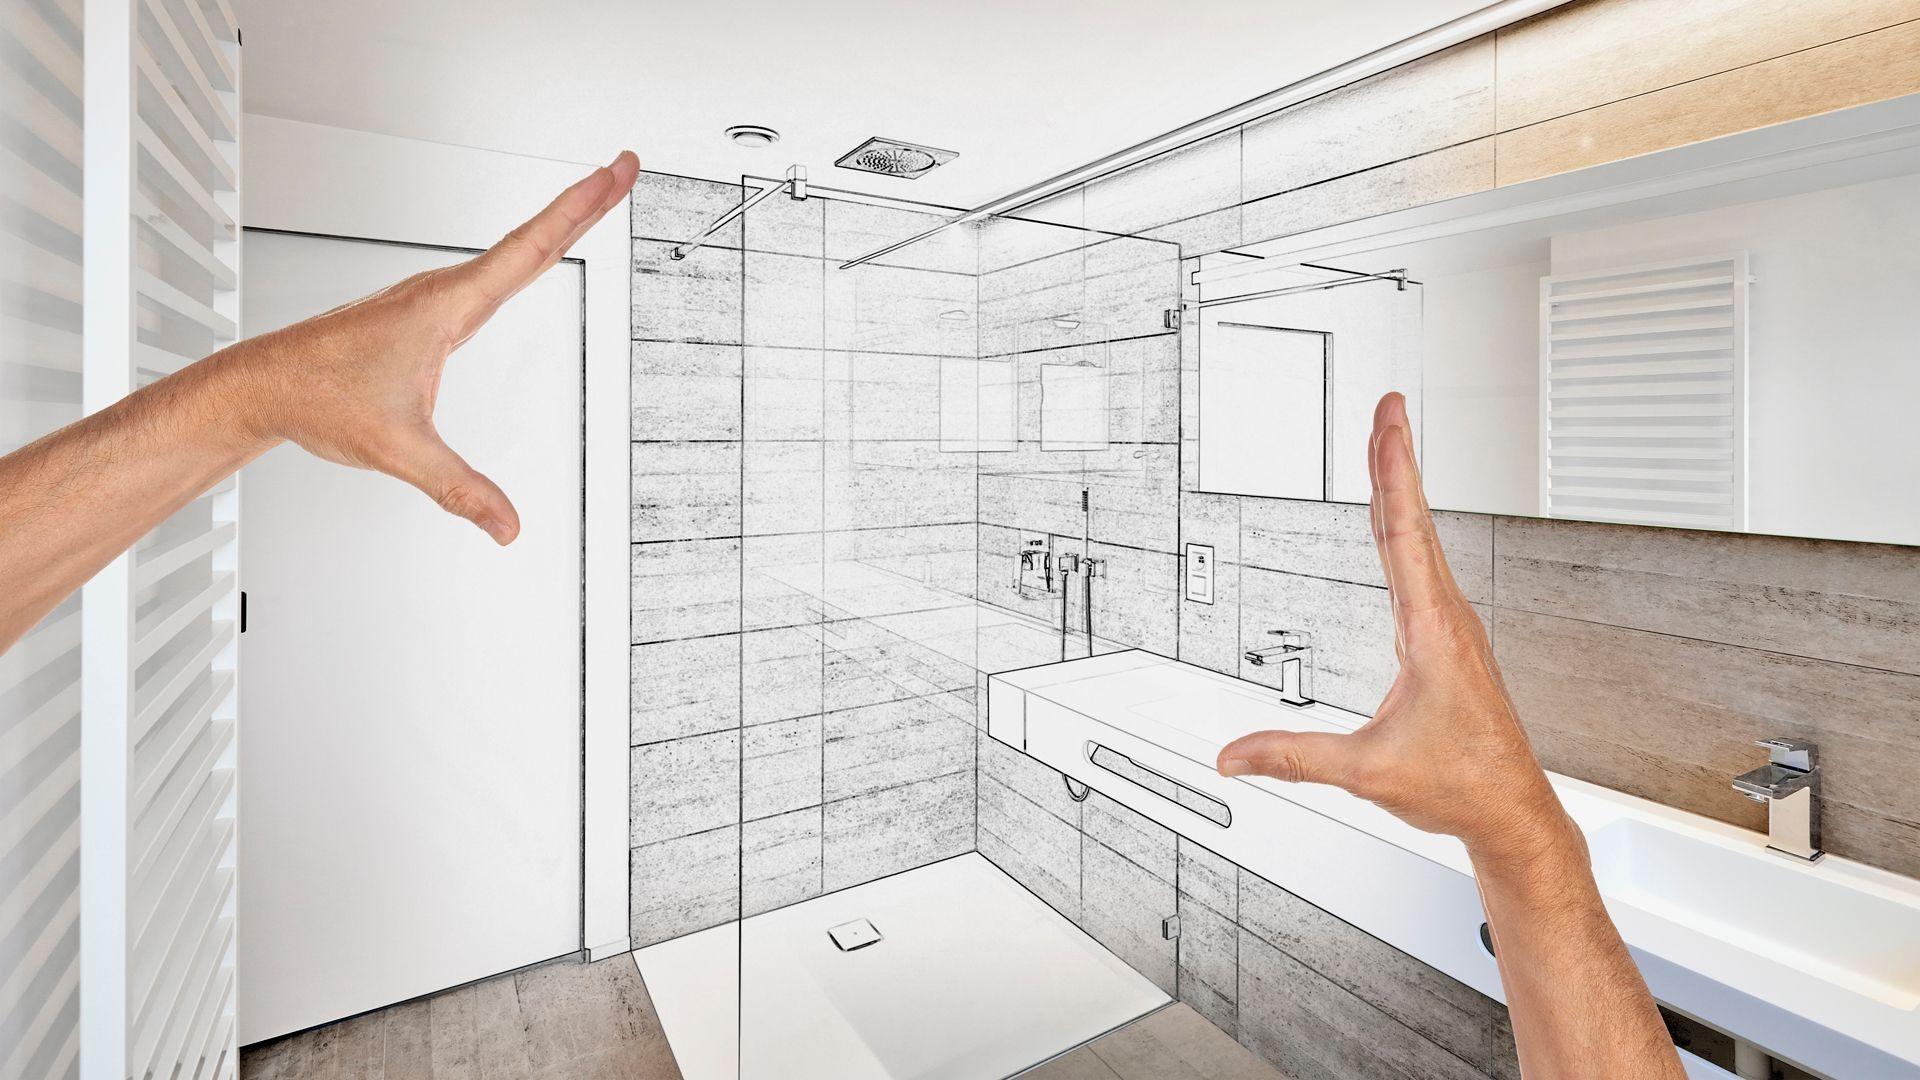 000 reformas cuartos de baño cambio bañera por ducha